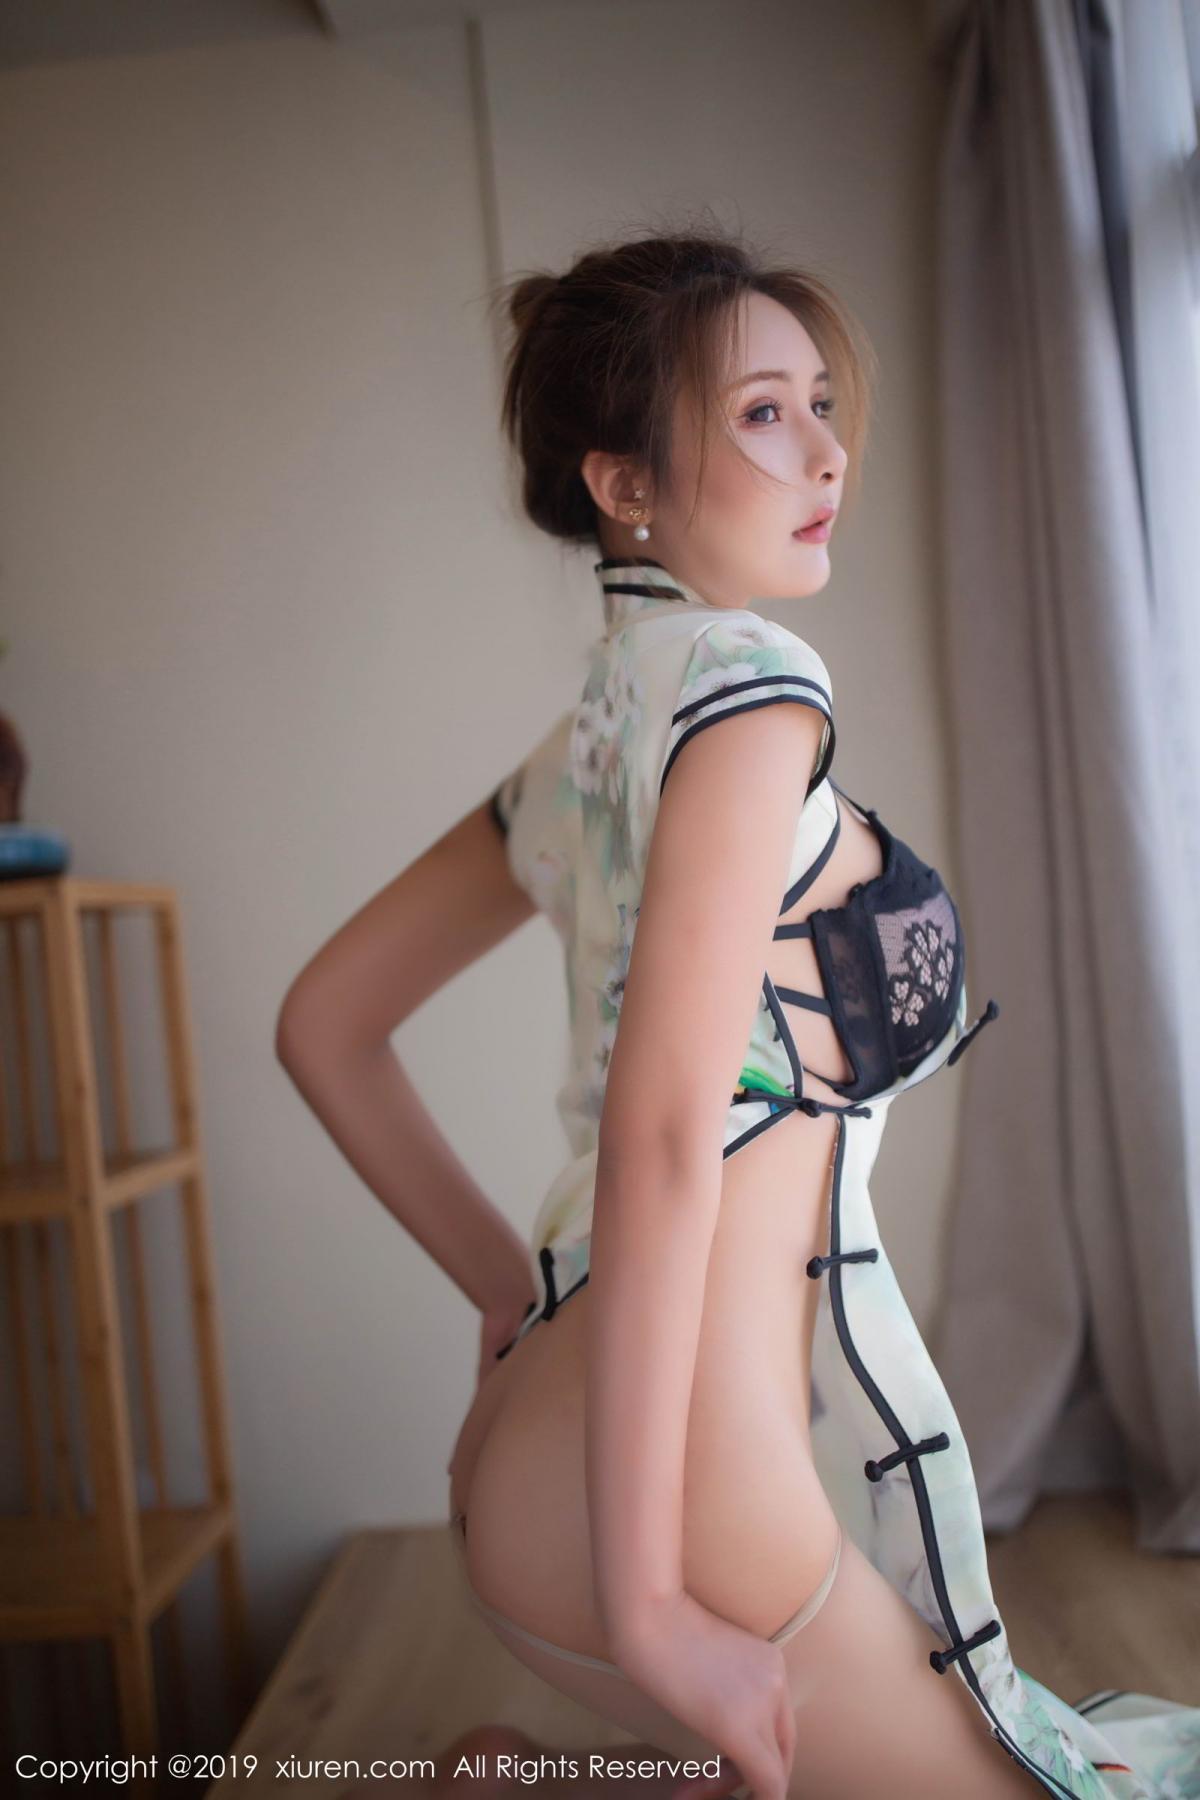 [XiuRen] Vol.1542 Solo Yi Fei 26P, Cheongsam, Solo Yi Fei, Tall, Underwear, Xiuren